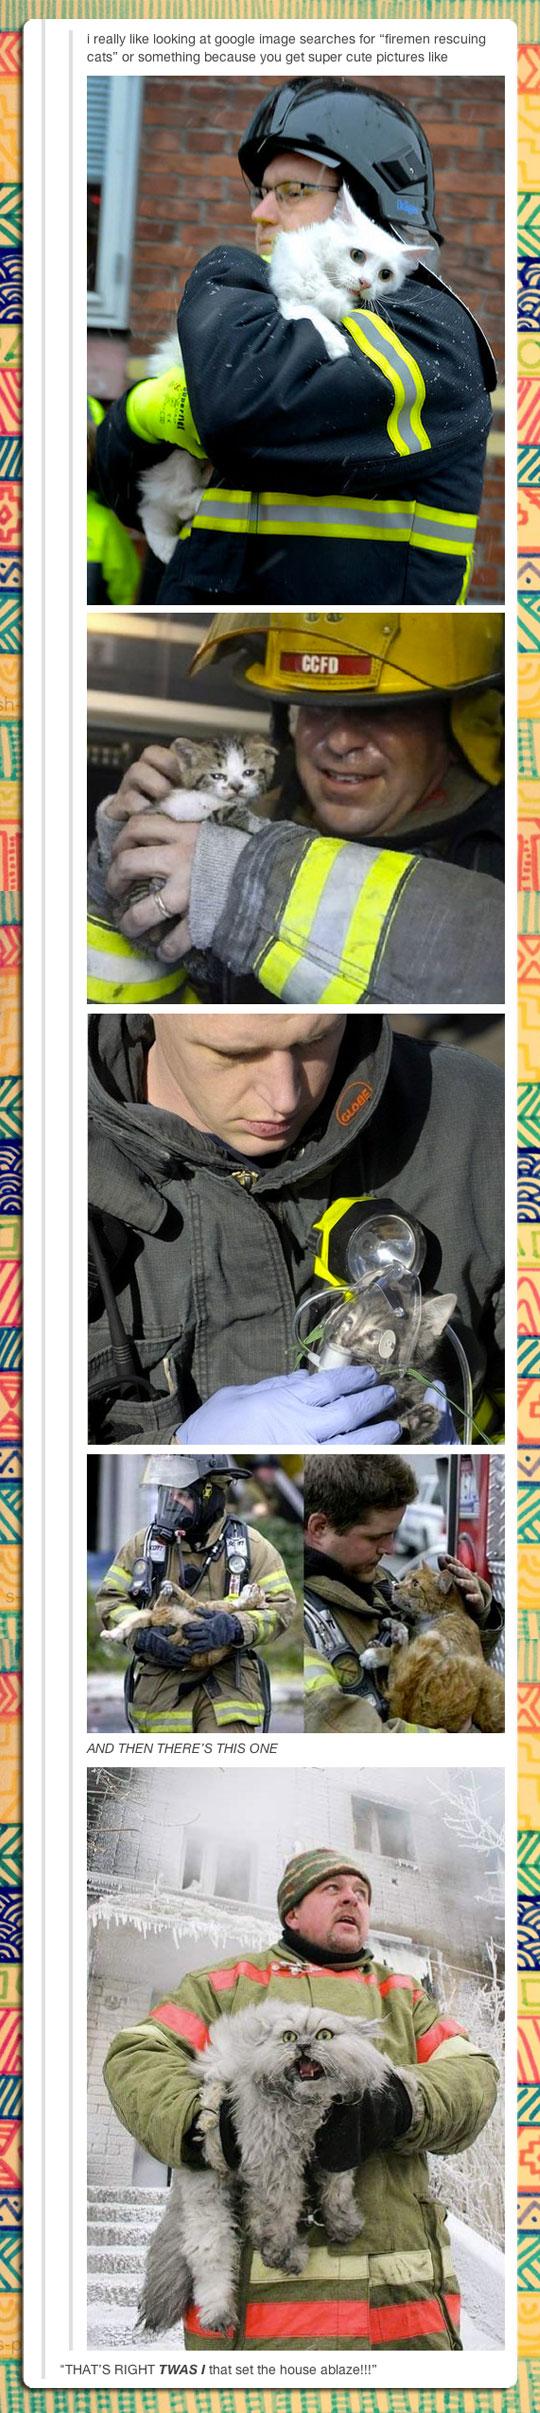 funny-cat-firemen-rescue-cute-scared